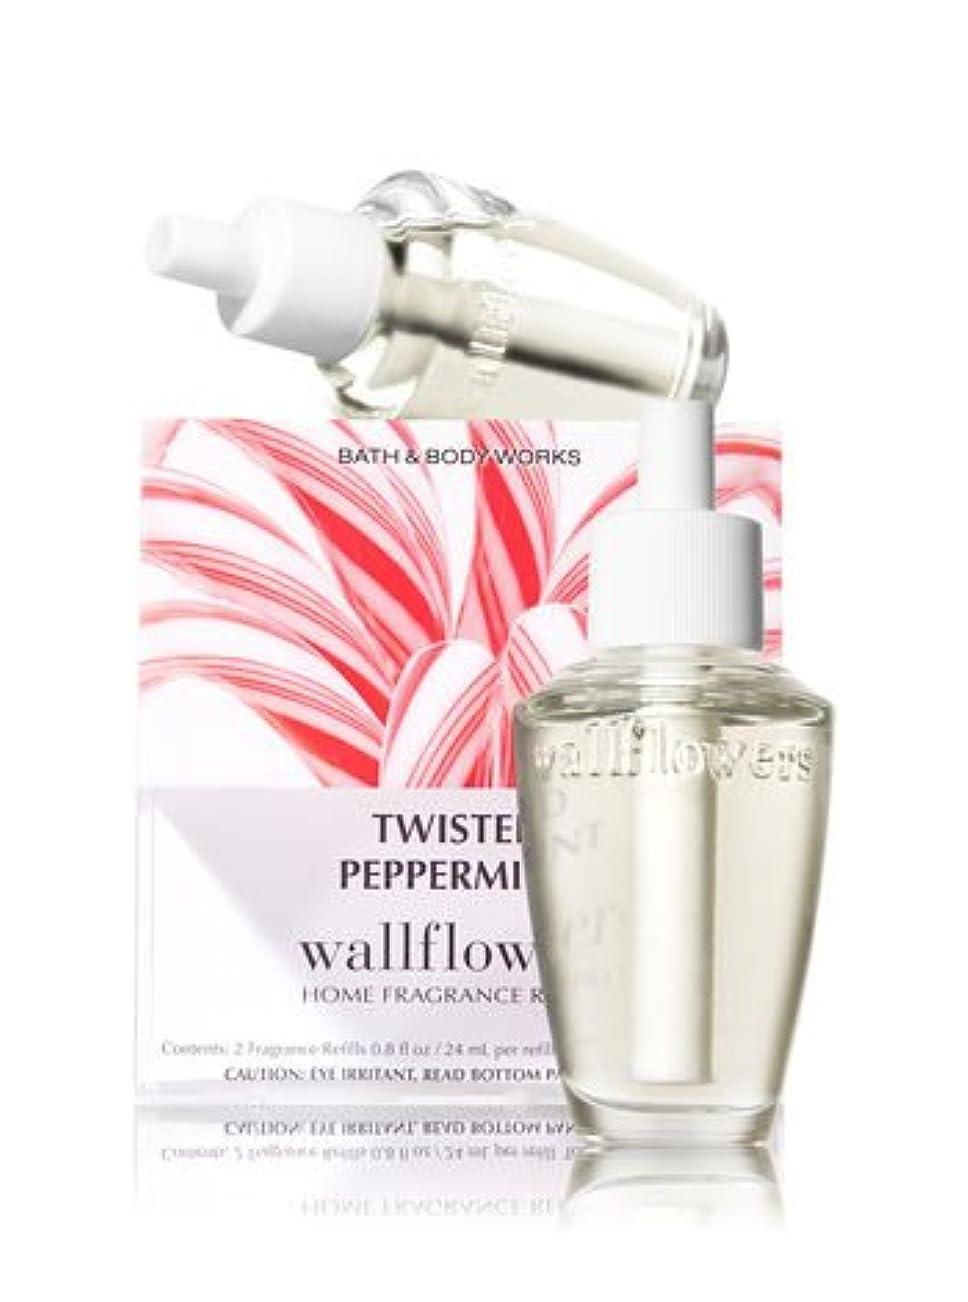 椅子たまに揺れる【Bath&Body Works/バス&ボディワークス】 ルームフレグランス 詰替えリフィル(2個入り) ツイステッドペパーミント Wallflowers Home Fragrance 2-Pack Refills Twisted Peppermint [並行輸入品]